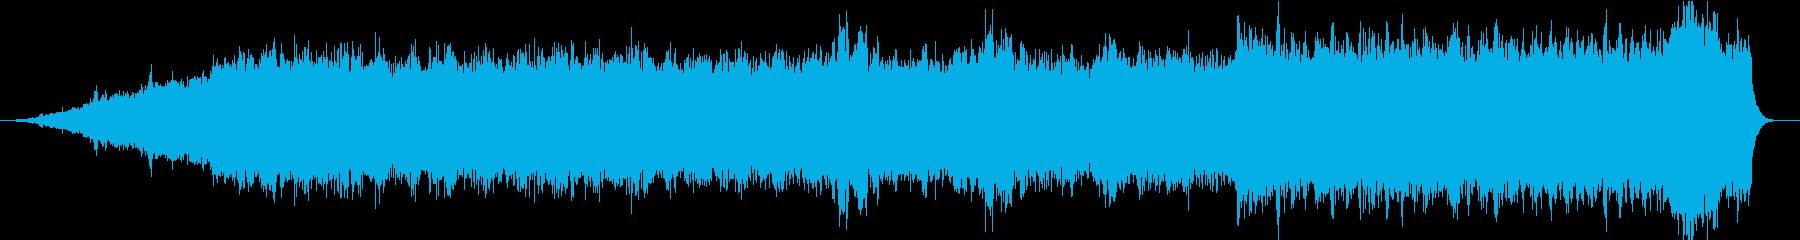 キンモクセイ-メロトロン・クワイアの再生済みの波形